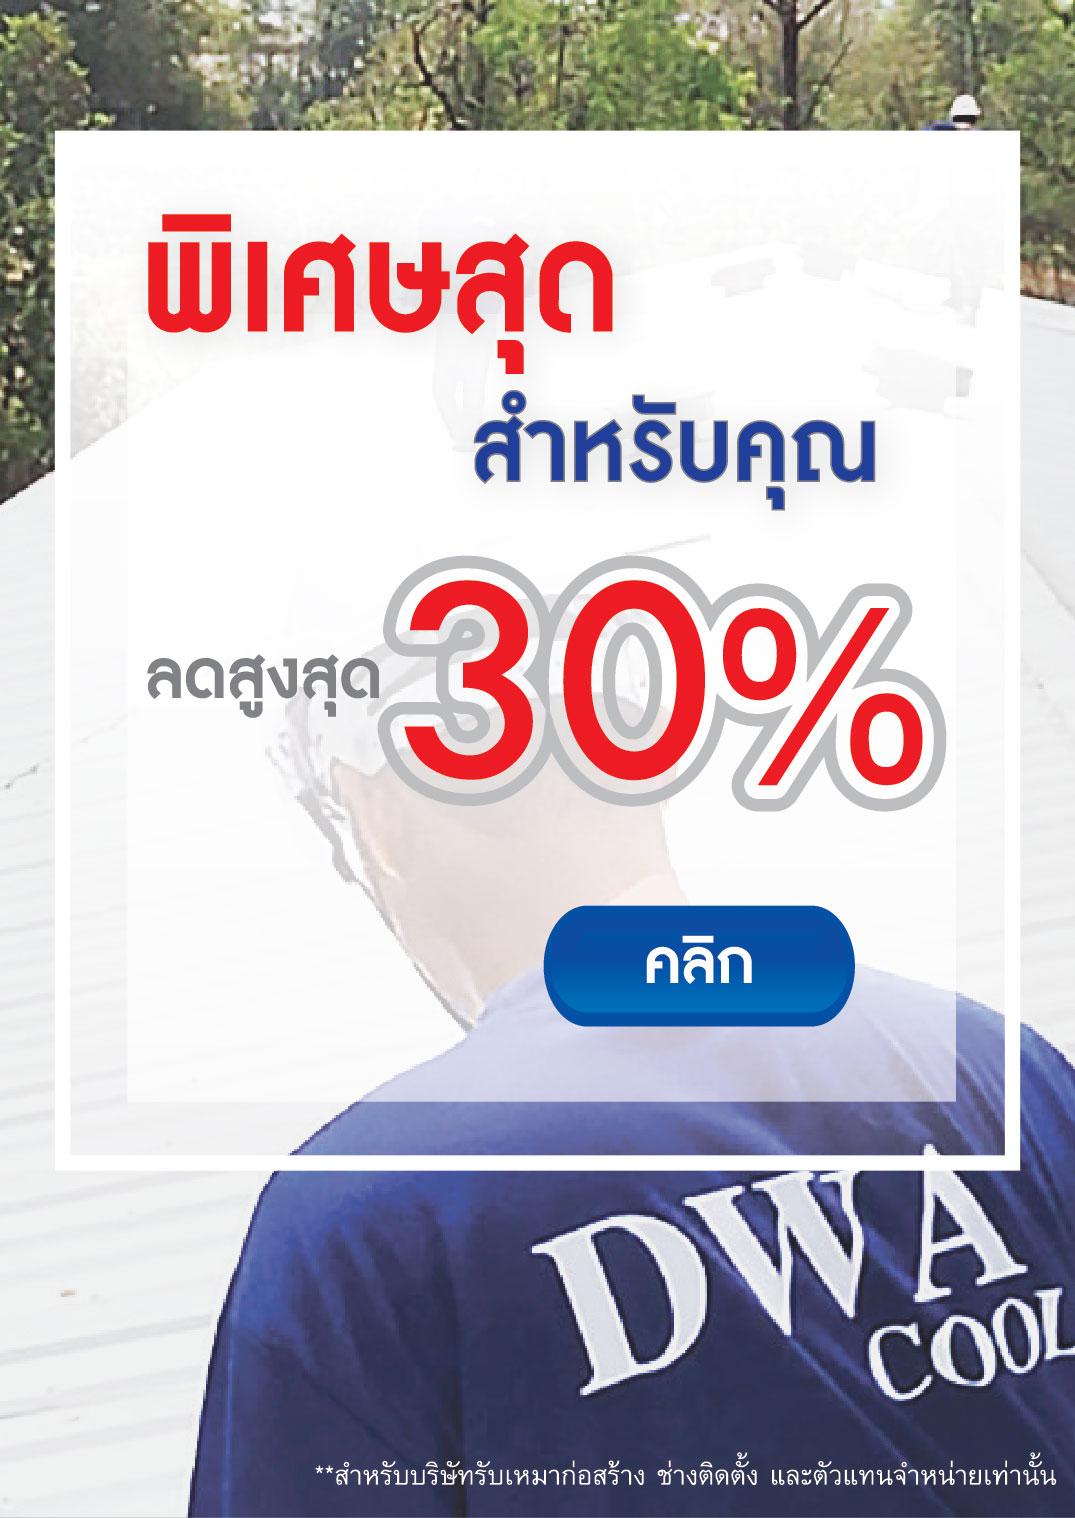 ลดสูงสุด 30%